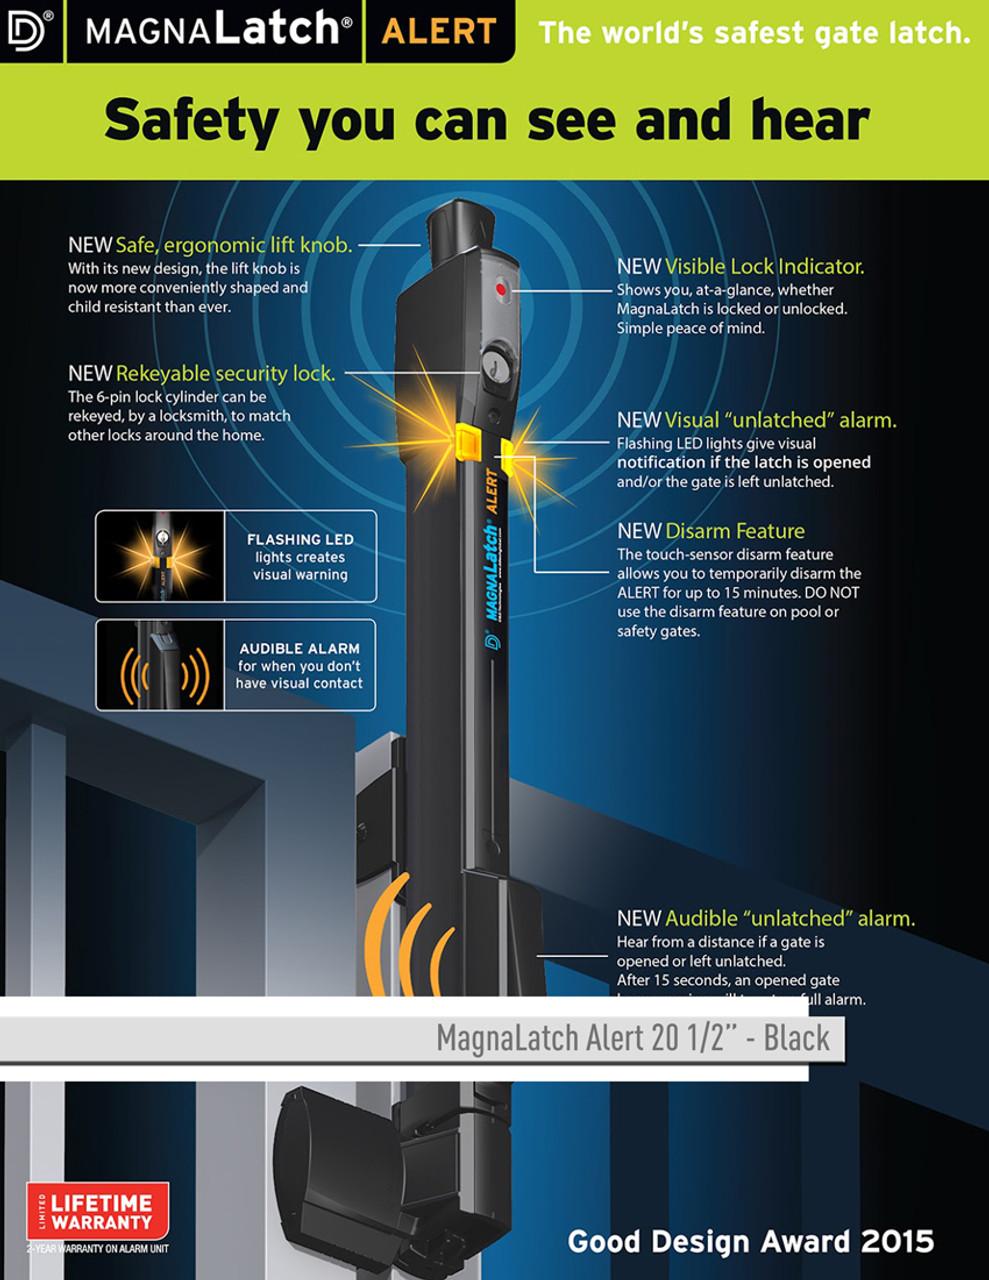 D&D Technologies MagnaLatch Alert